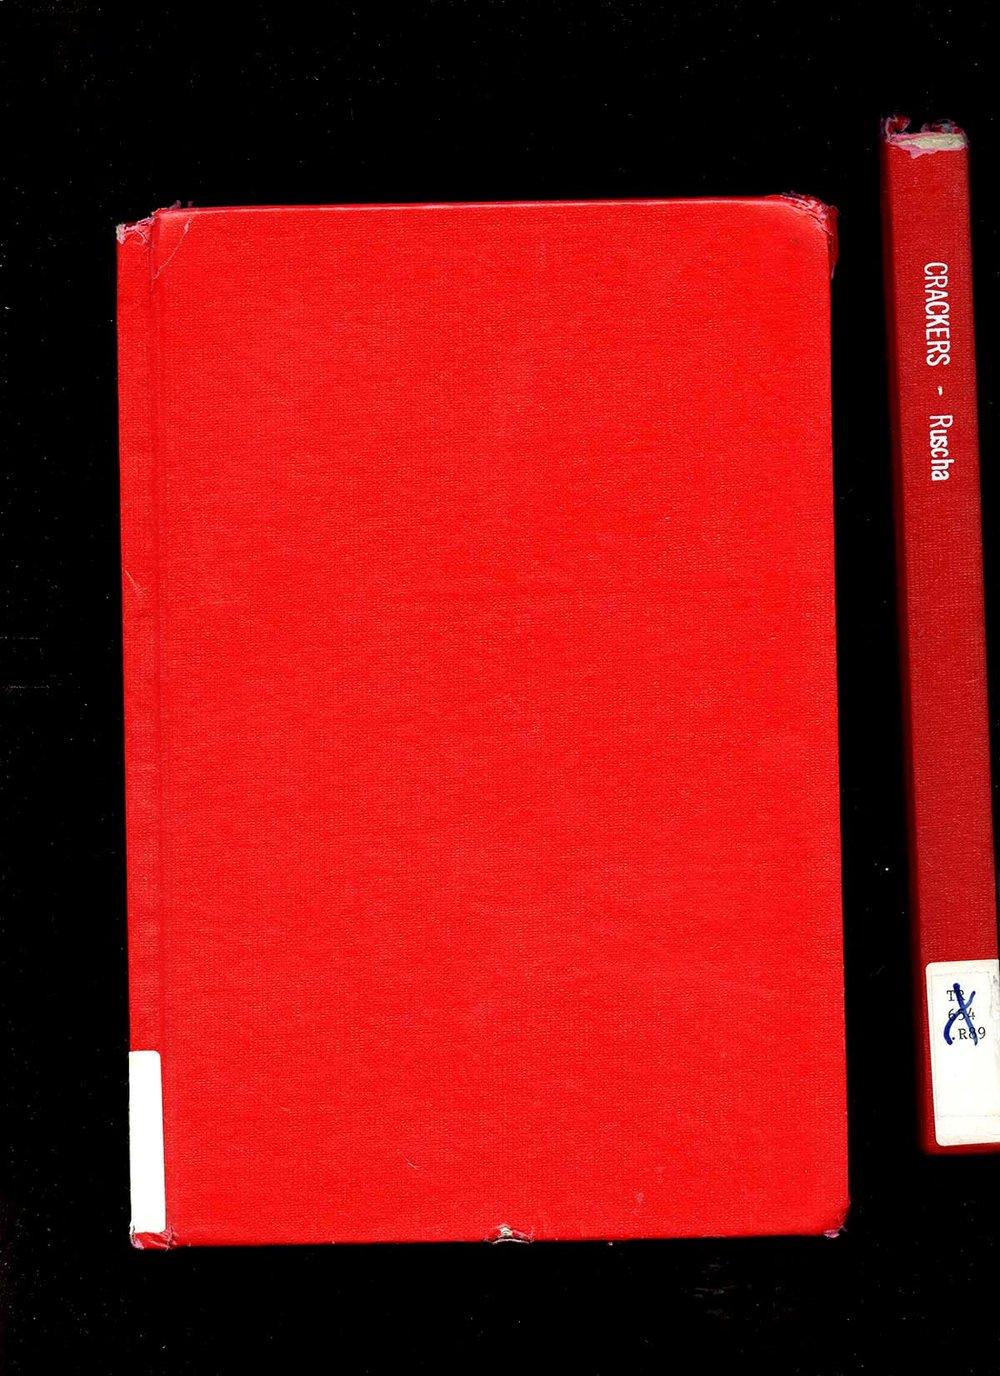 036 copy.jpg